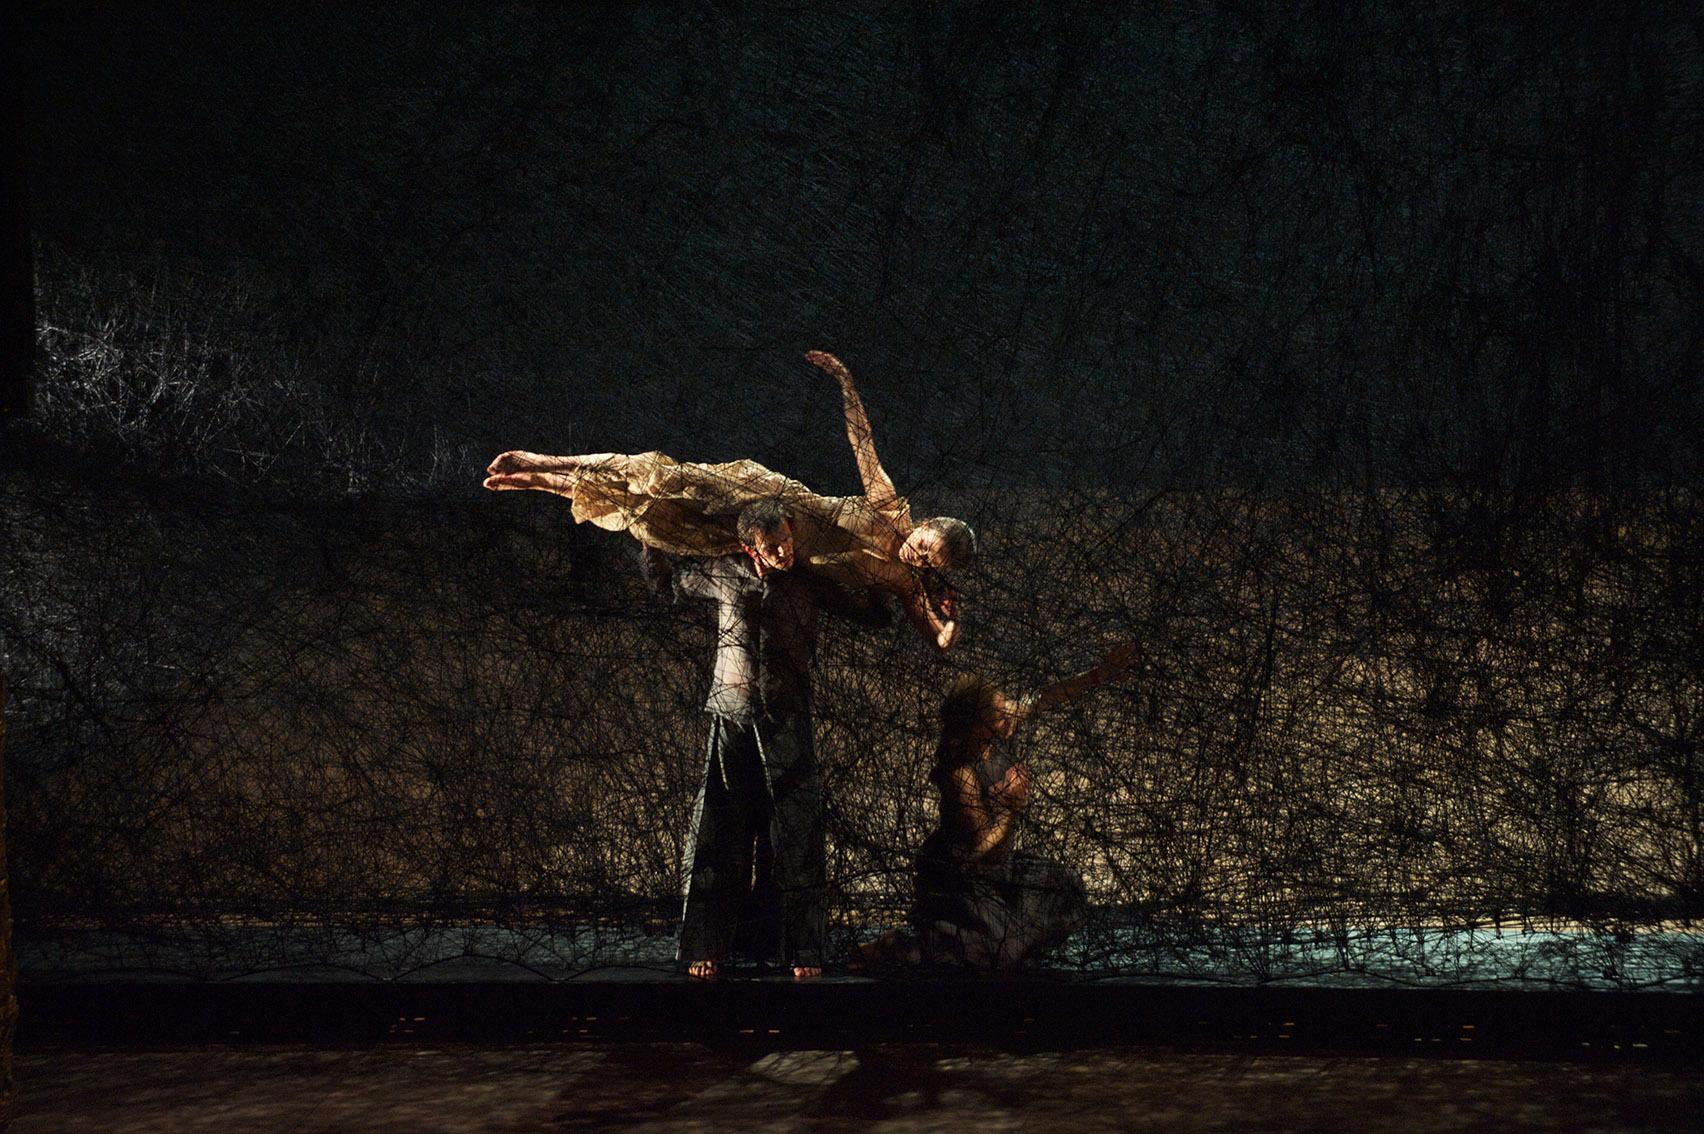 塩田千春 オペラ公演「松風」のステージデザイン ベルリン国立歌劇場2011年 撮影:Bernd Uhlig